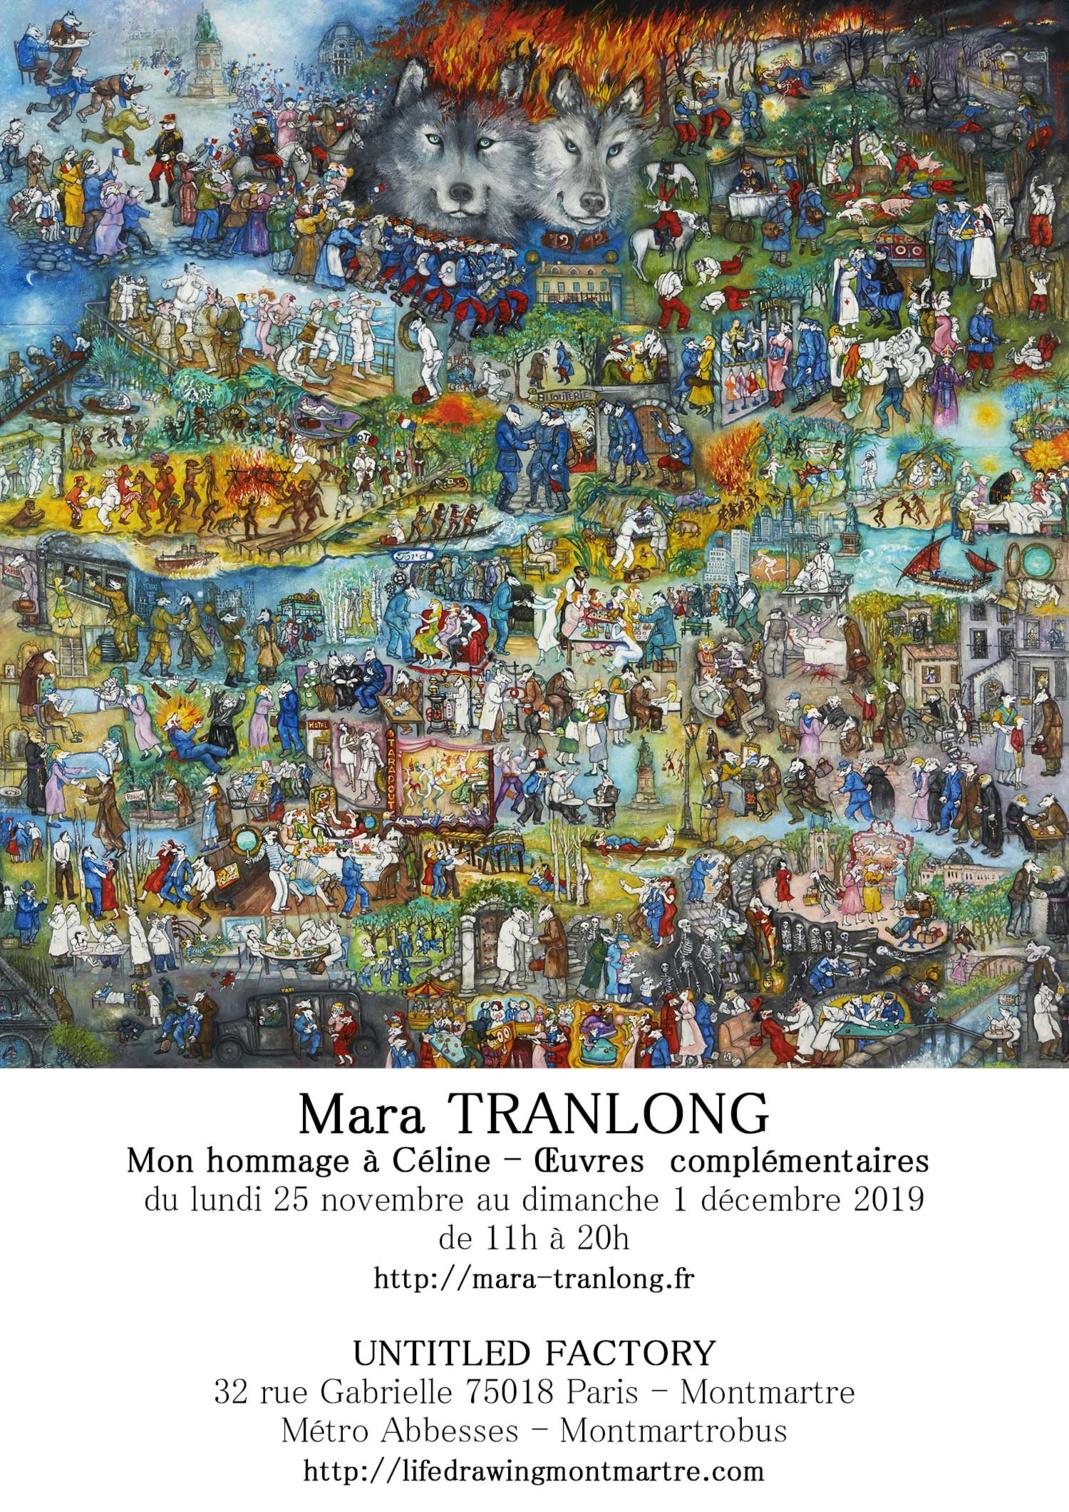 """Mara Tranlong - Collection """"Mon hommage à Céline"""" - Titre : """"Marche ou crève"""" - Acrylique sur bois 110 cm x 110 cm - Année 2014"""